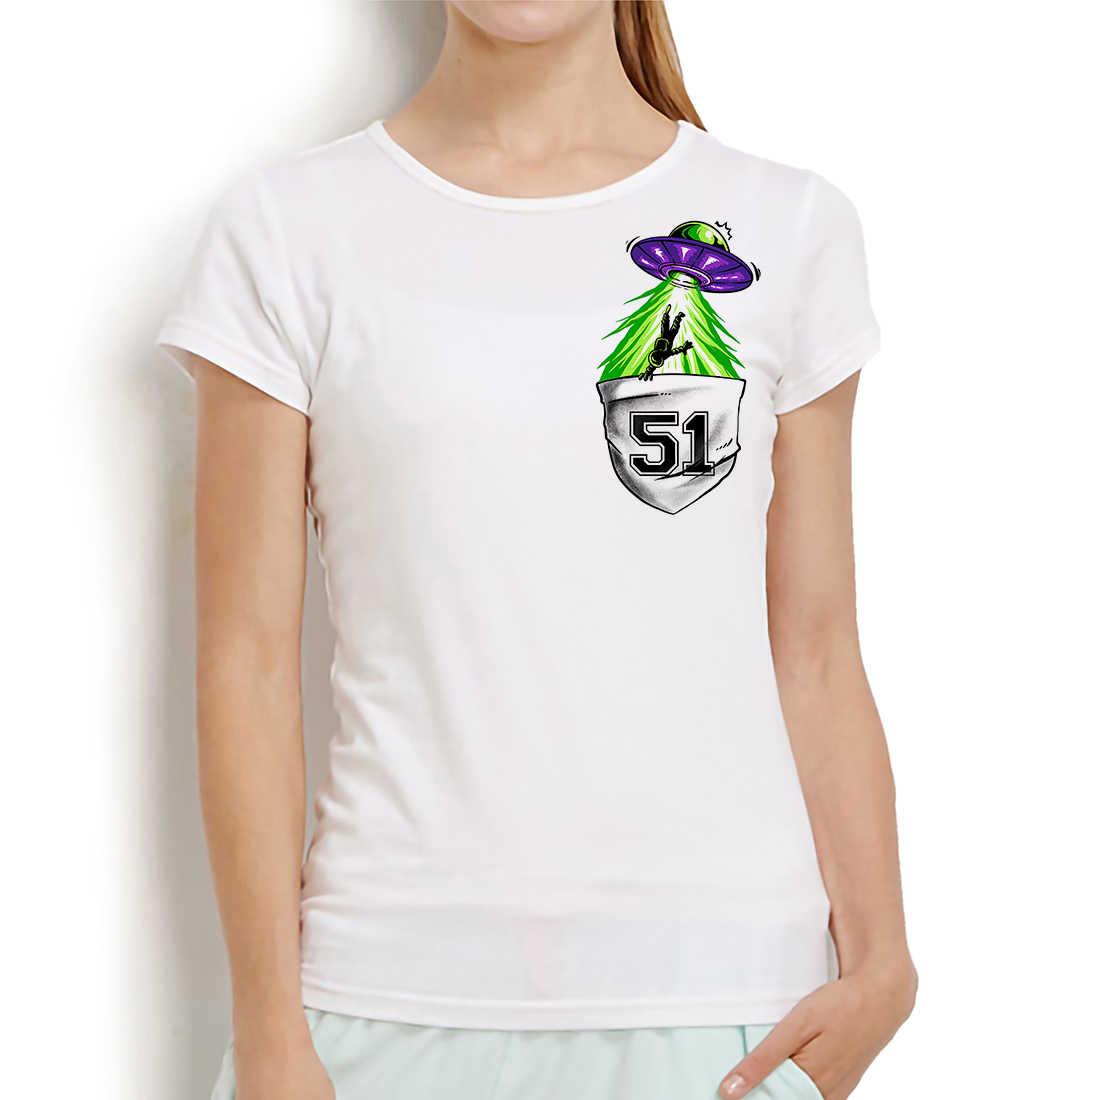 Storm bereich 51 UFO alien in tasche lustige anime t hemd frauen neue weiß casual femme mädchen t-shirt